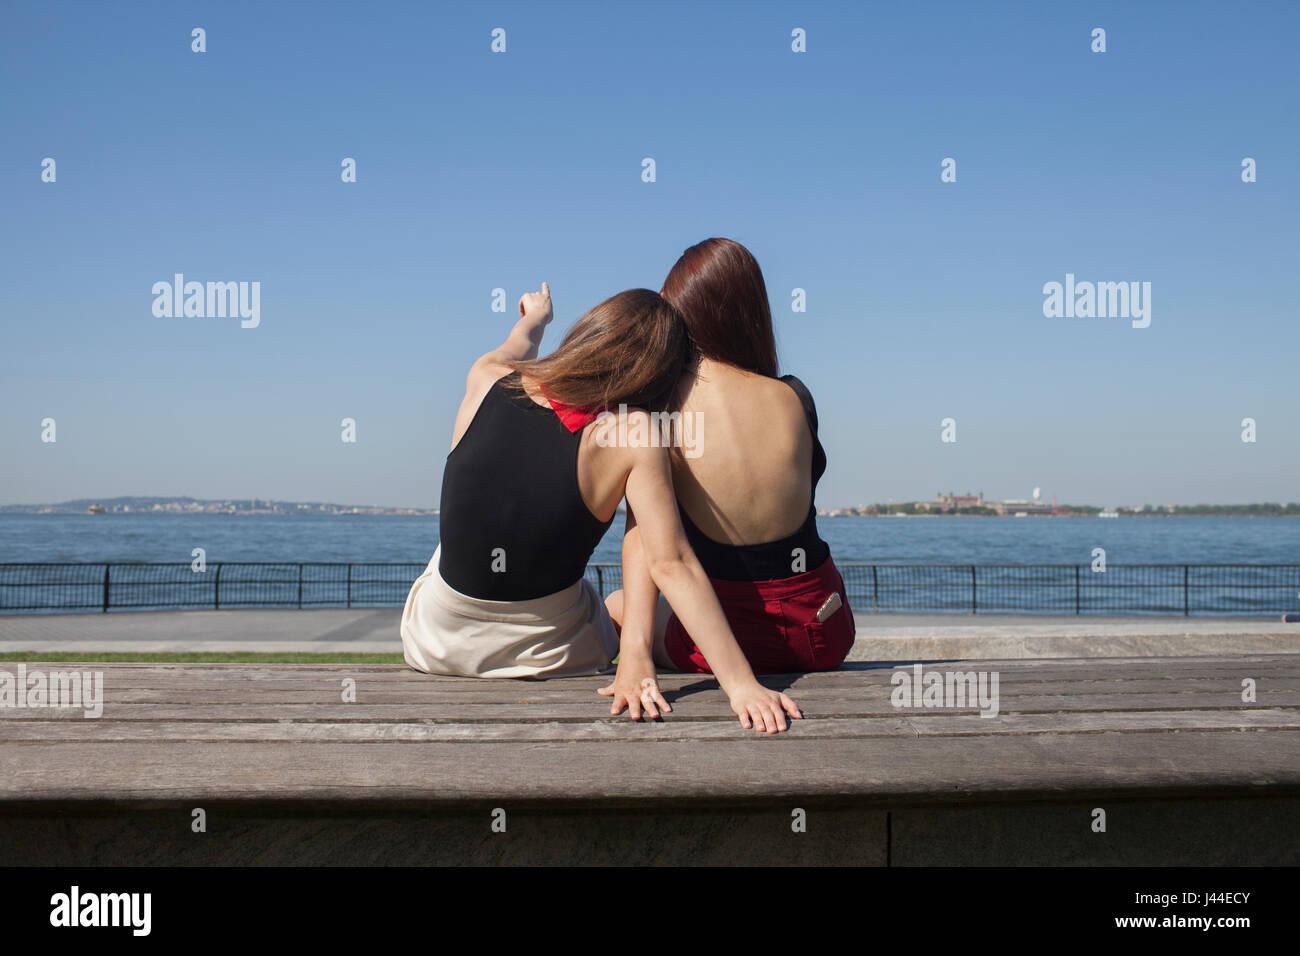 Vista posterior de dos mujeres jóvenes sentadas Imagen De Stock